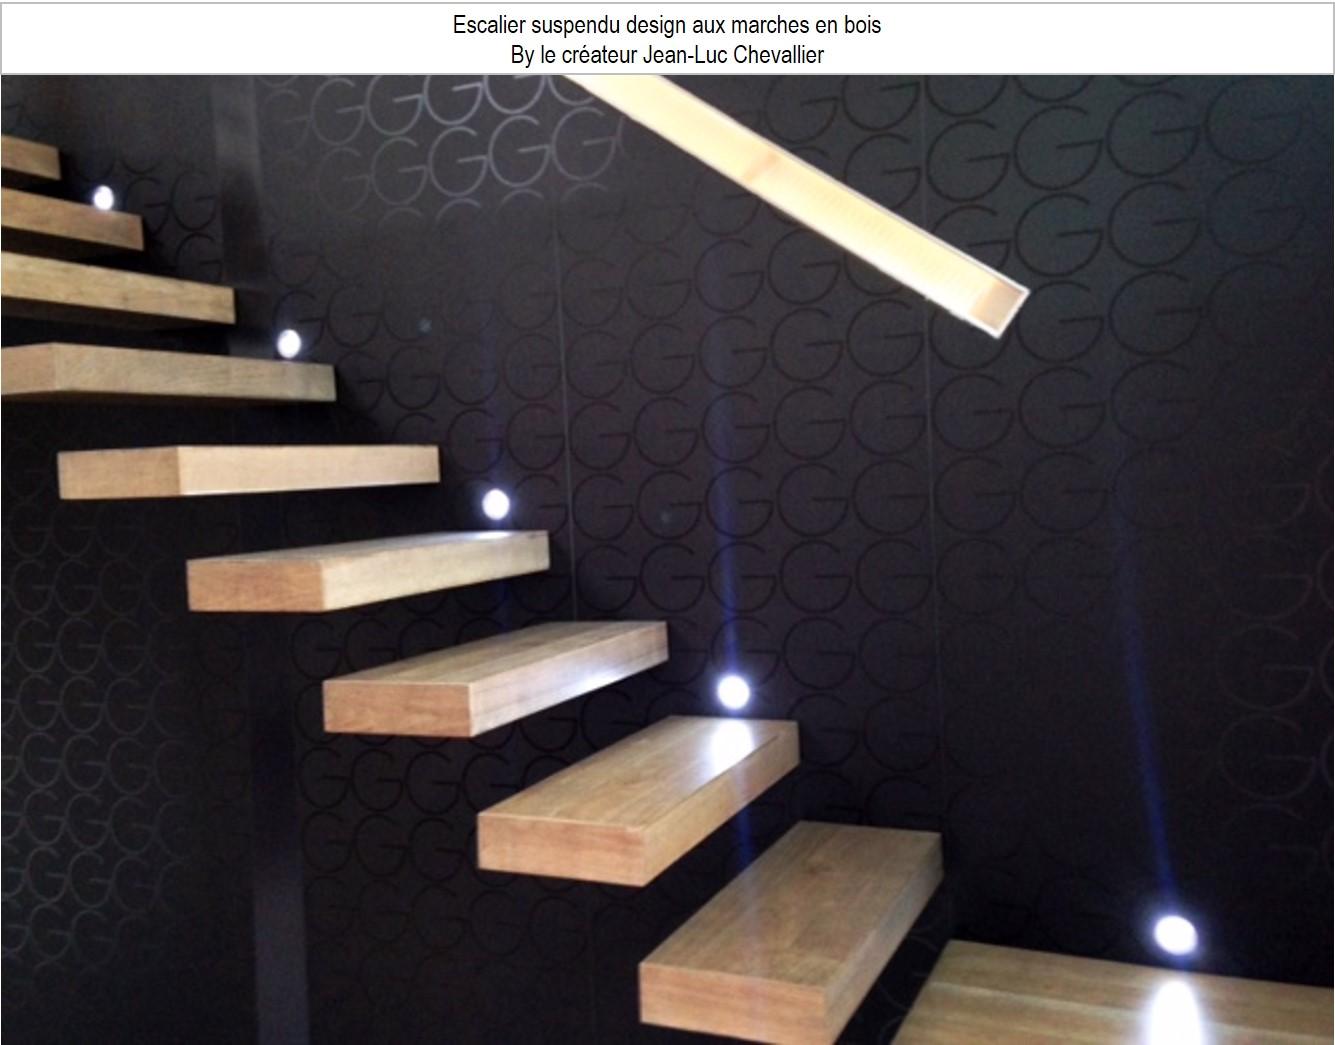 escalier suspendu design marches bois